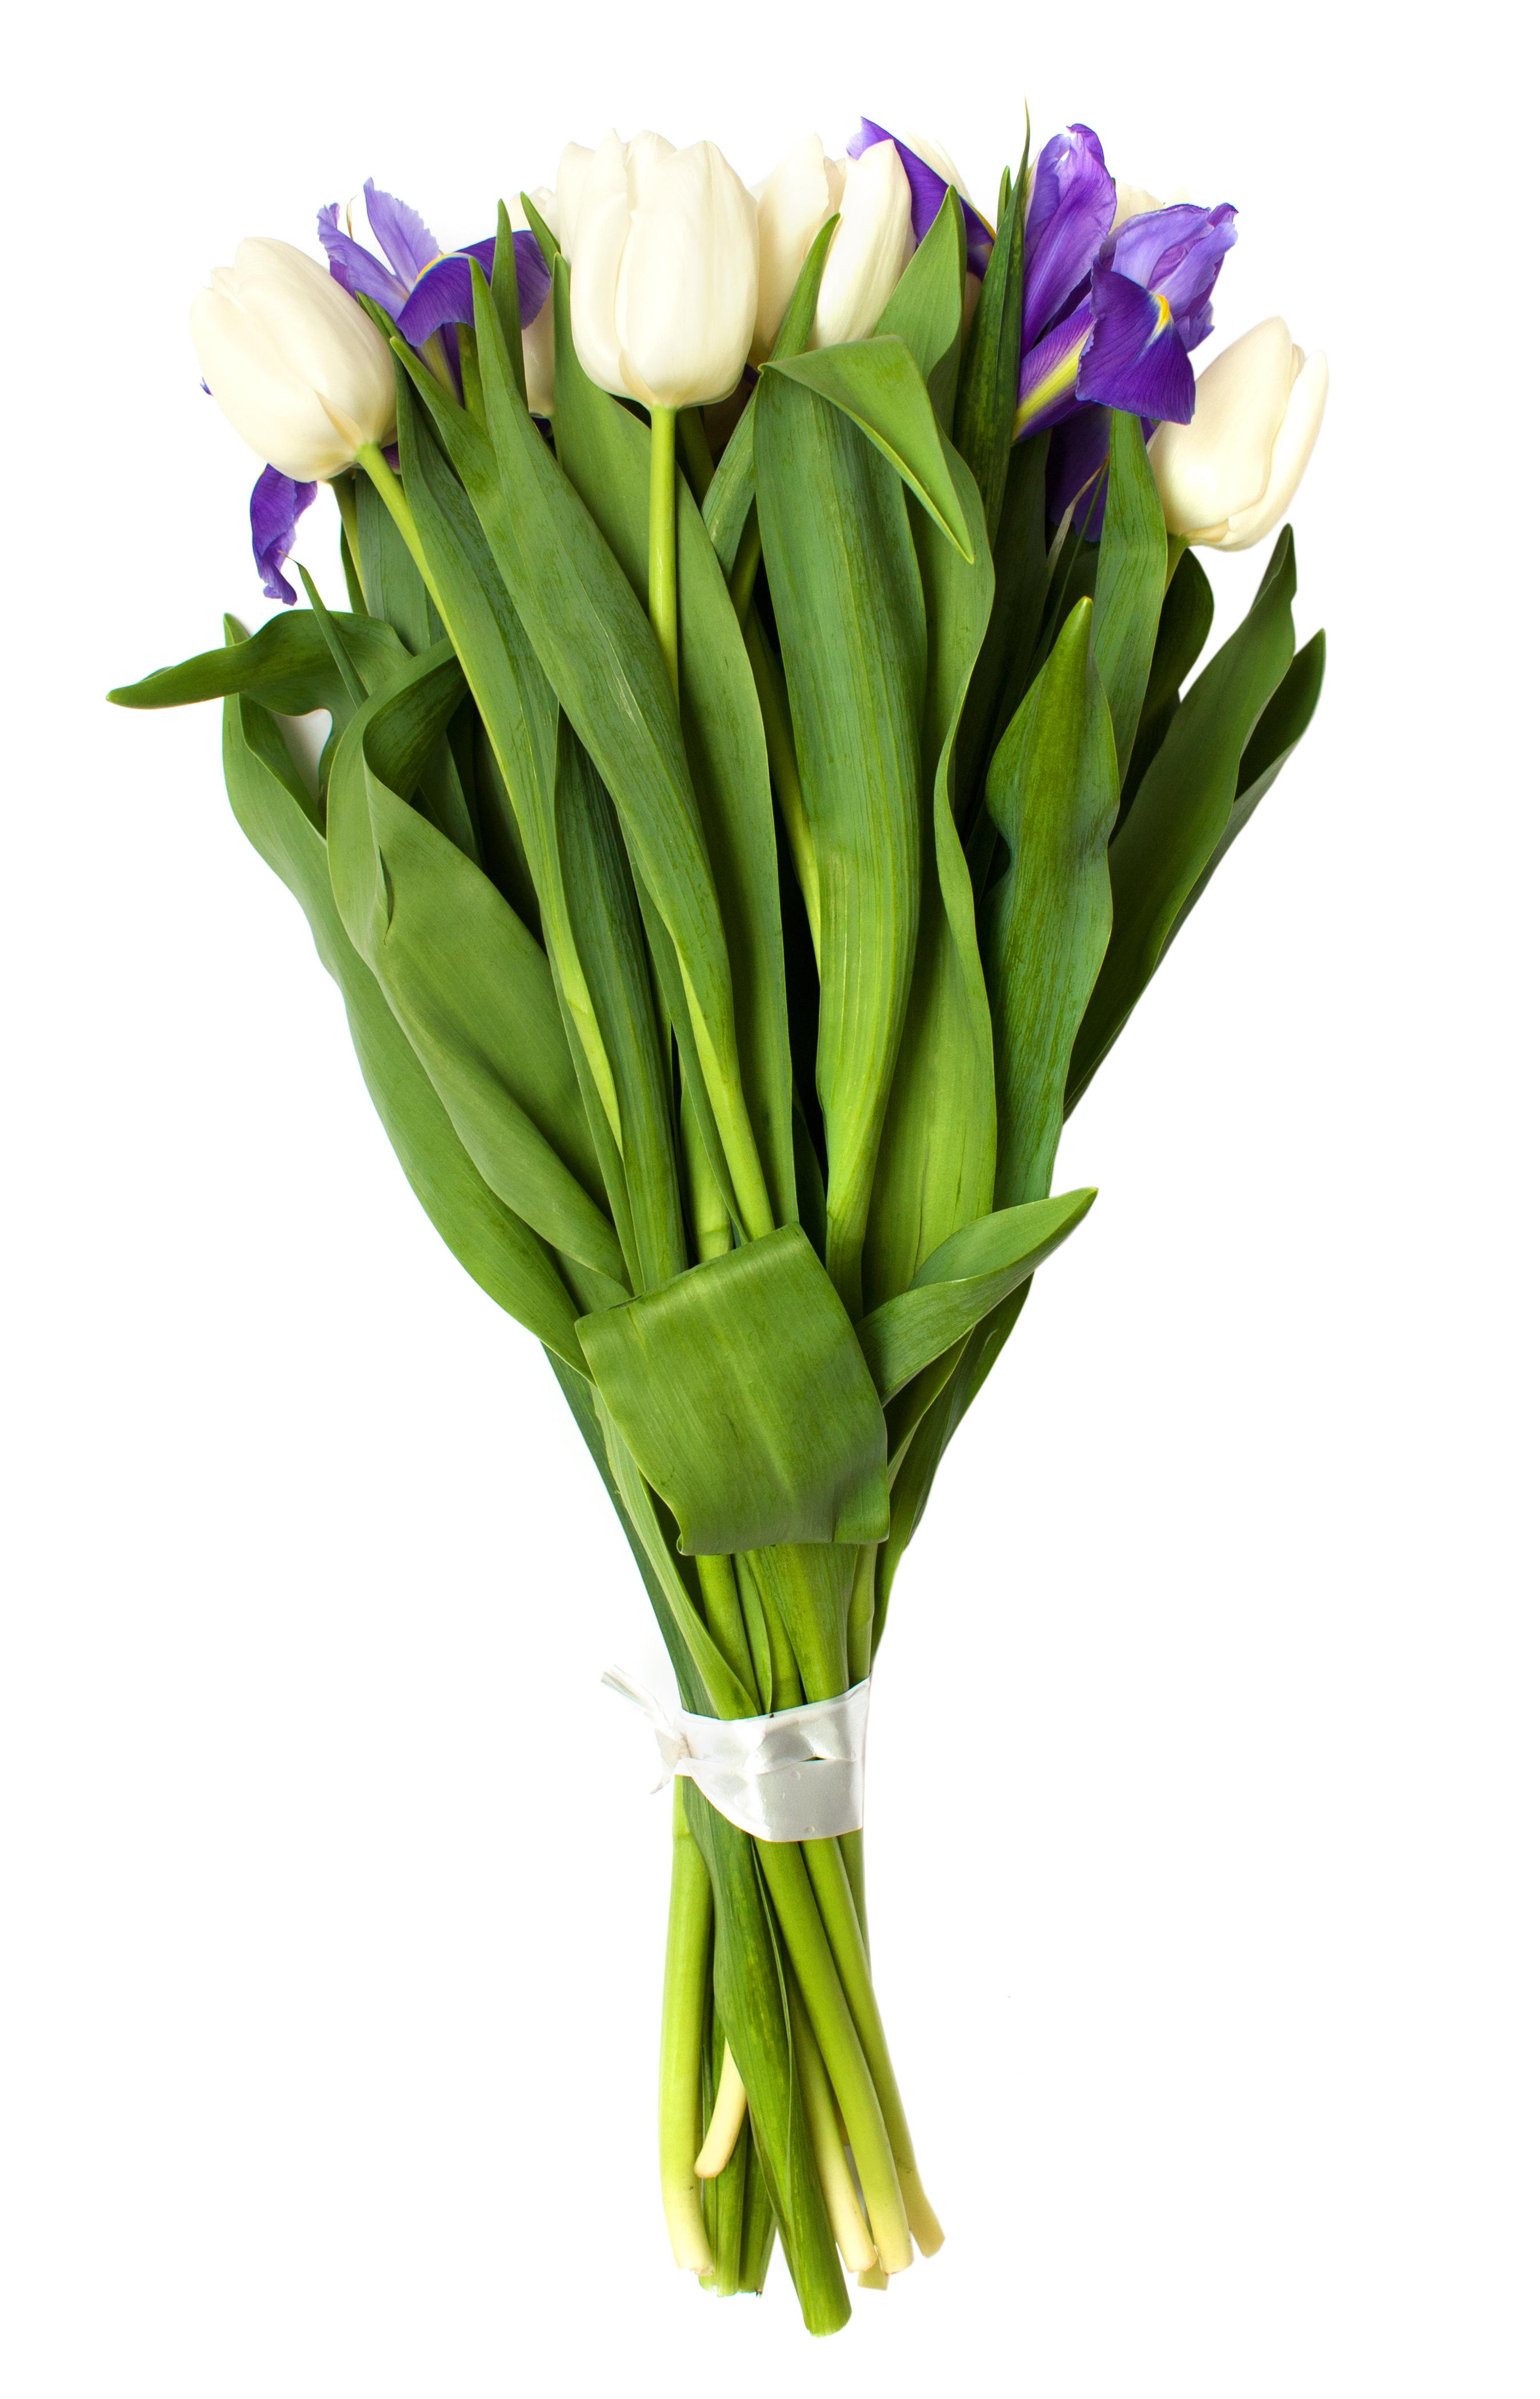 Tulips dhalia fleuriste spring tulips and iris flowers on a white background izmirmasajfo